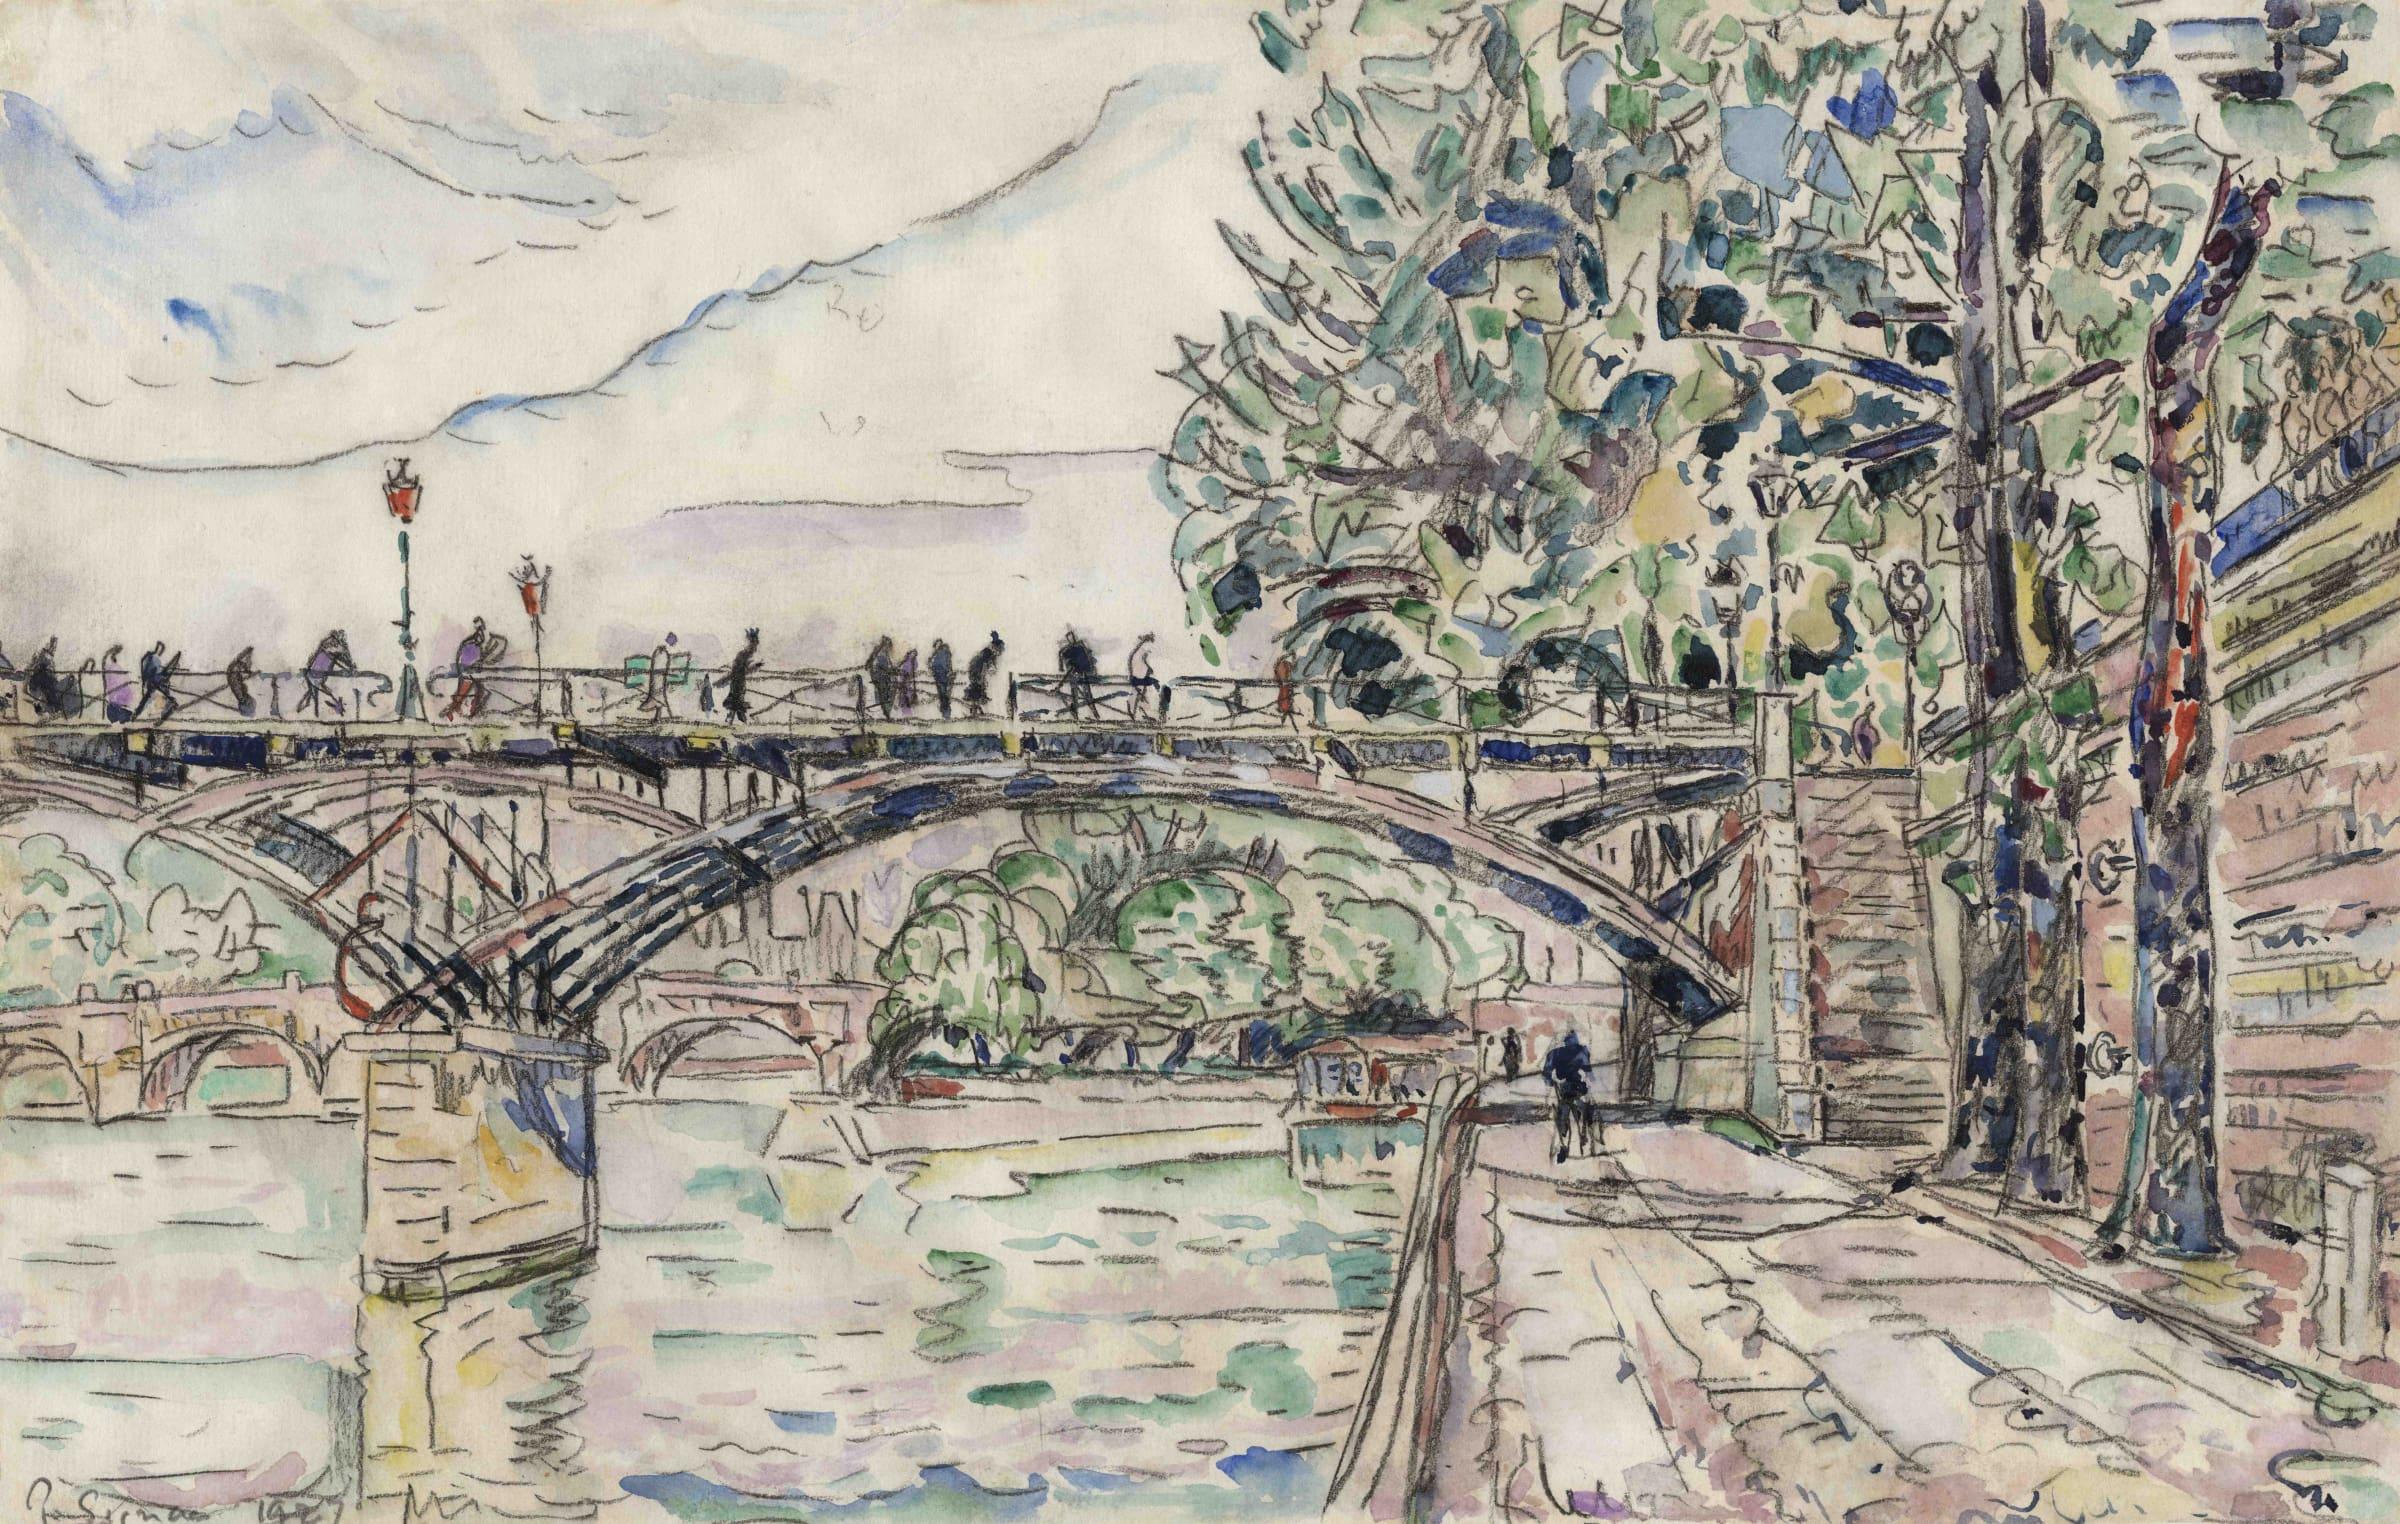 <span class=&#34;link fancybox-details-link&#34;><a href=&#34;/artists/75-paul-signac/works/9418-paul-signac-paris-le-pont-des-arts-1927/&#34;>View Detail Page</a></span><div class=&#34;artist&#34;><span class=&#34;artist&#34;><strong>Paul Signac</strong></span></div><div class=&#34;title&#34;><em>Paris, le Pont des Arts</em>, 1927</div><div class=&#34;signed_and_dated&#34;>Signed and dated lower left P.Signac 1927</div><div class=&#34;medium&#34;>Watercolour, gouache and charcoal on paper</div><div class=&#34;dimensions&#34;>27.8 x 43.8 cm<br /> 11 x 17 ¼ inches</div>